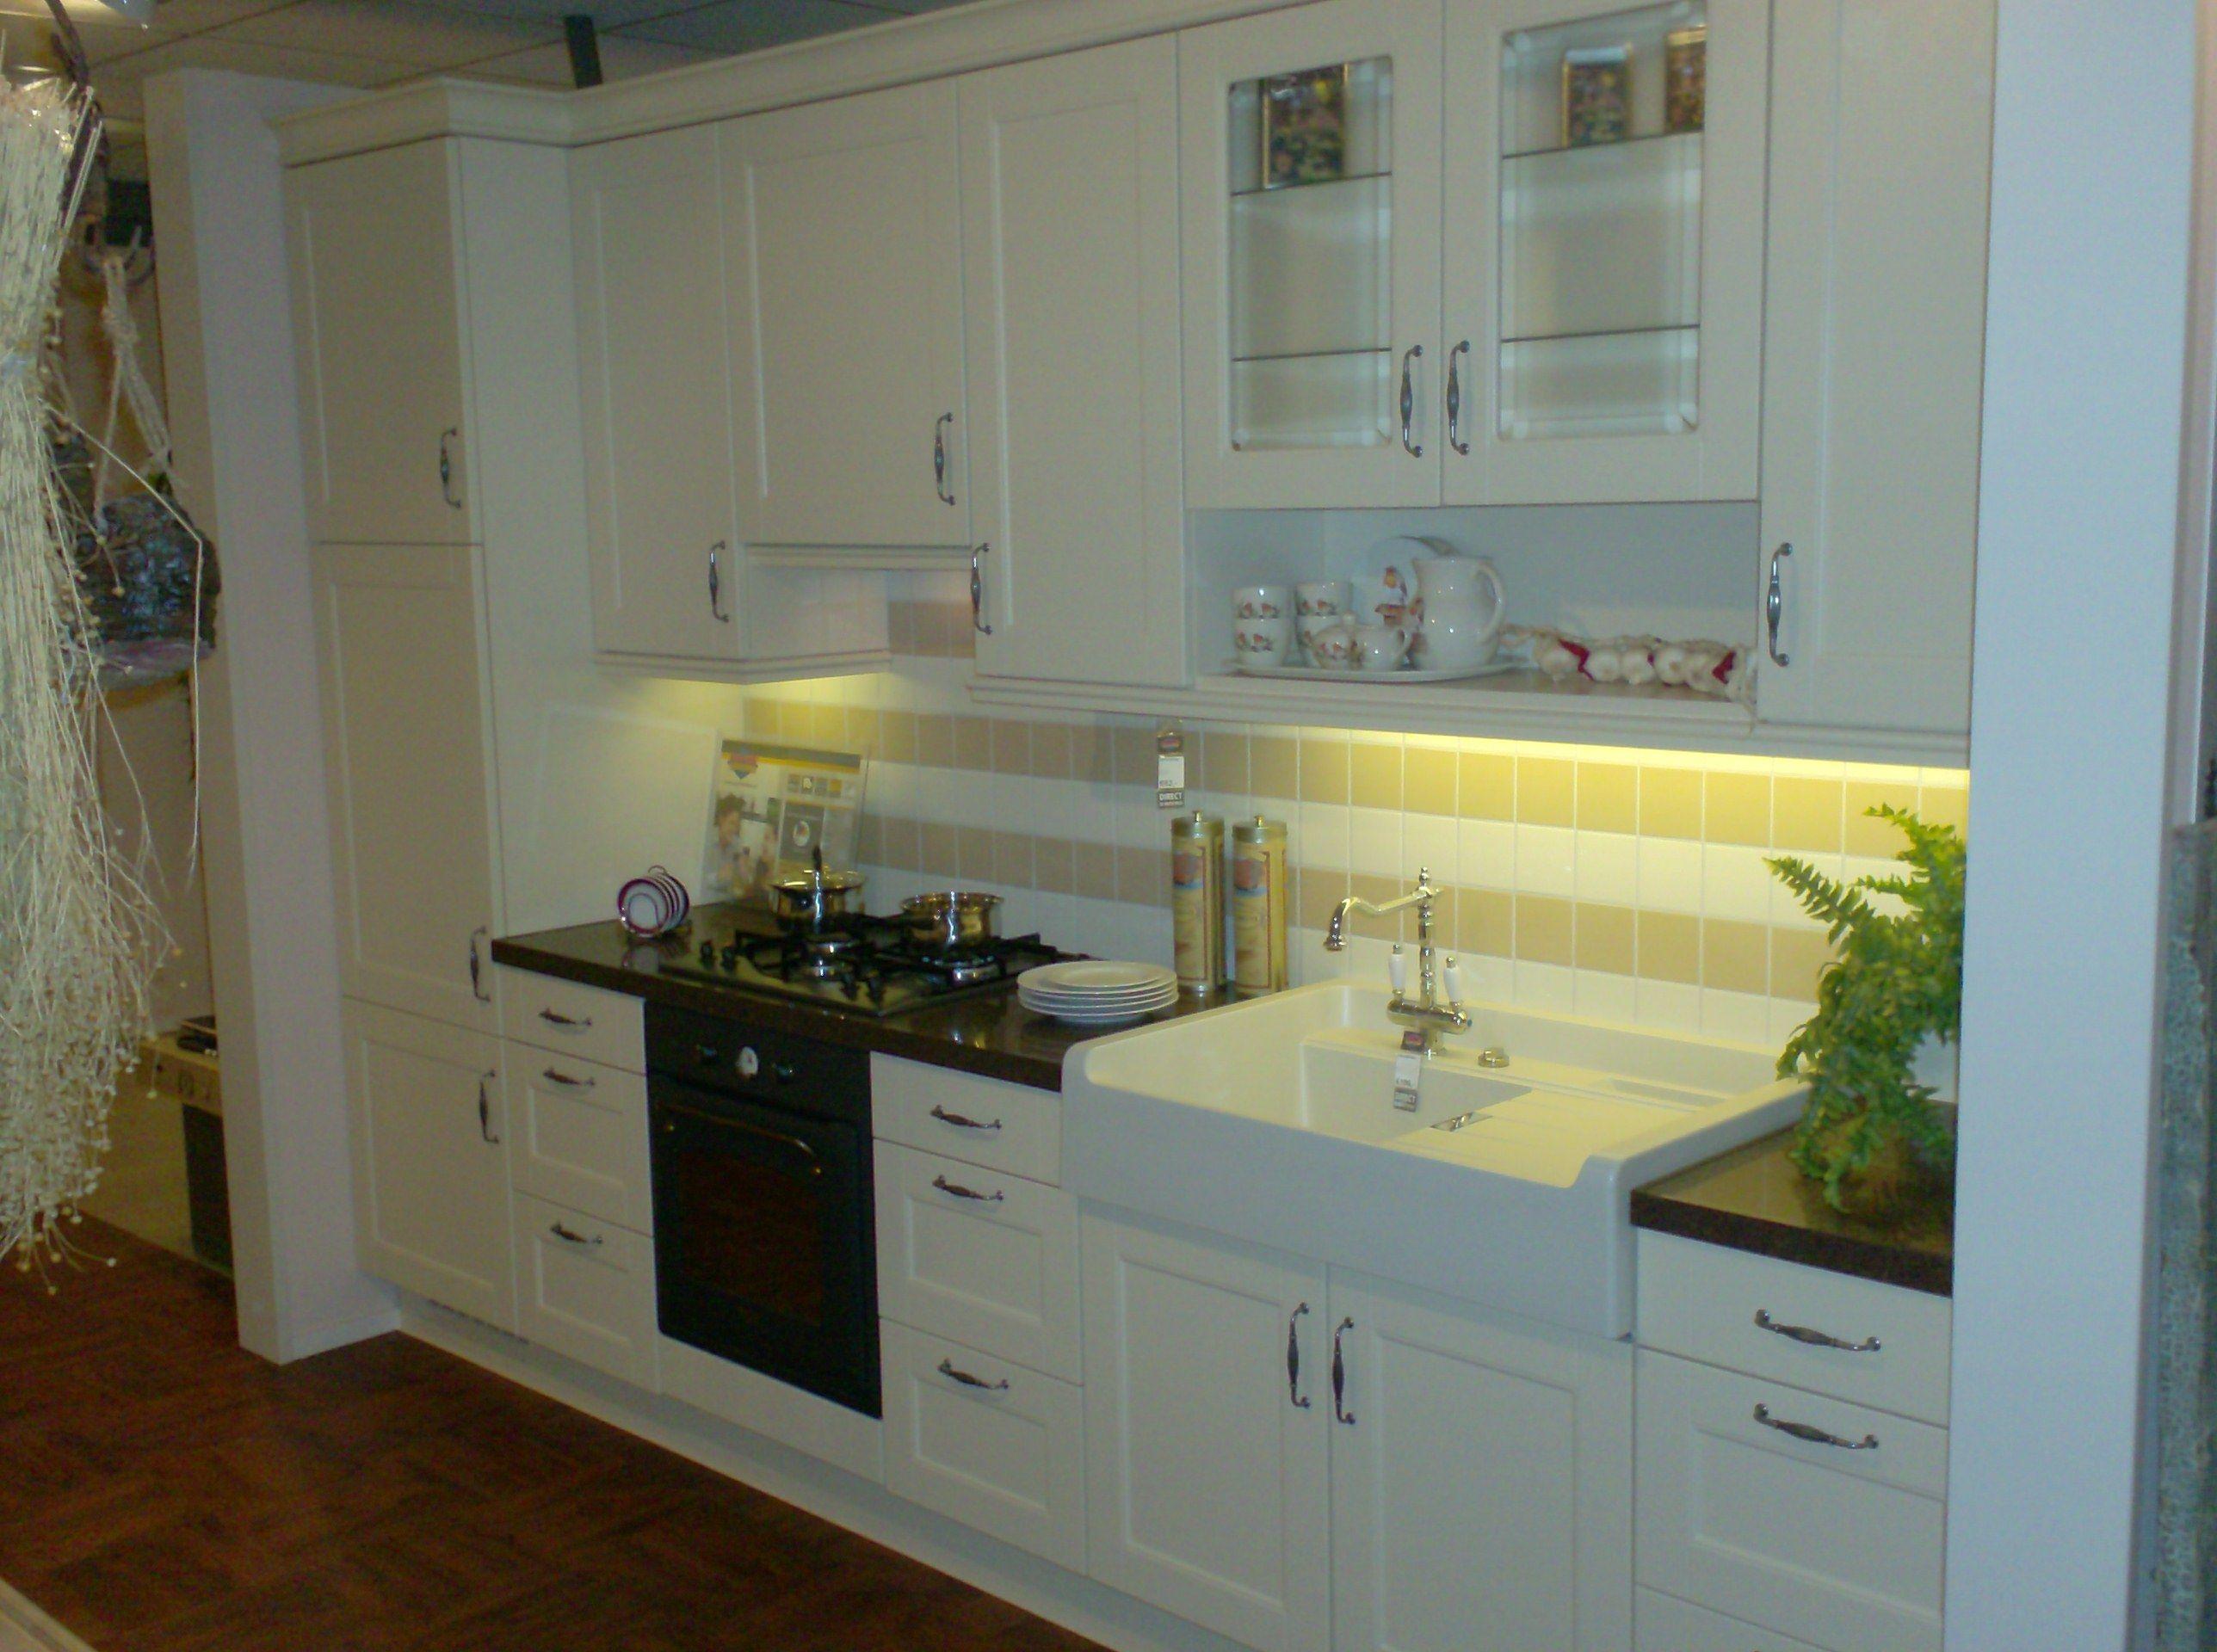 Keuken Kleur Sahara : De voordeligste woonwinkel van Nederland! Livorno Sahara [36187